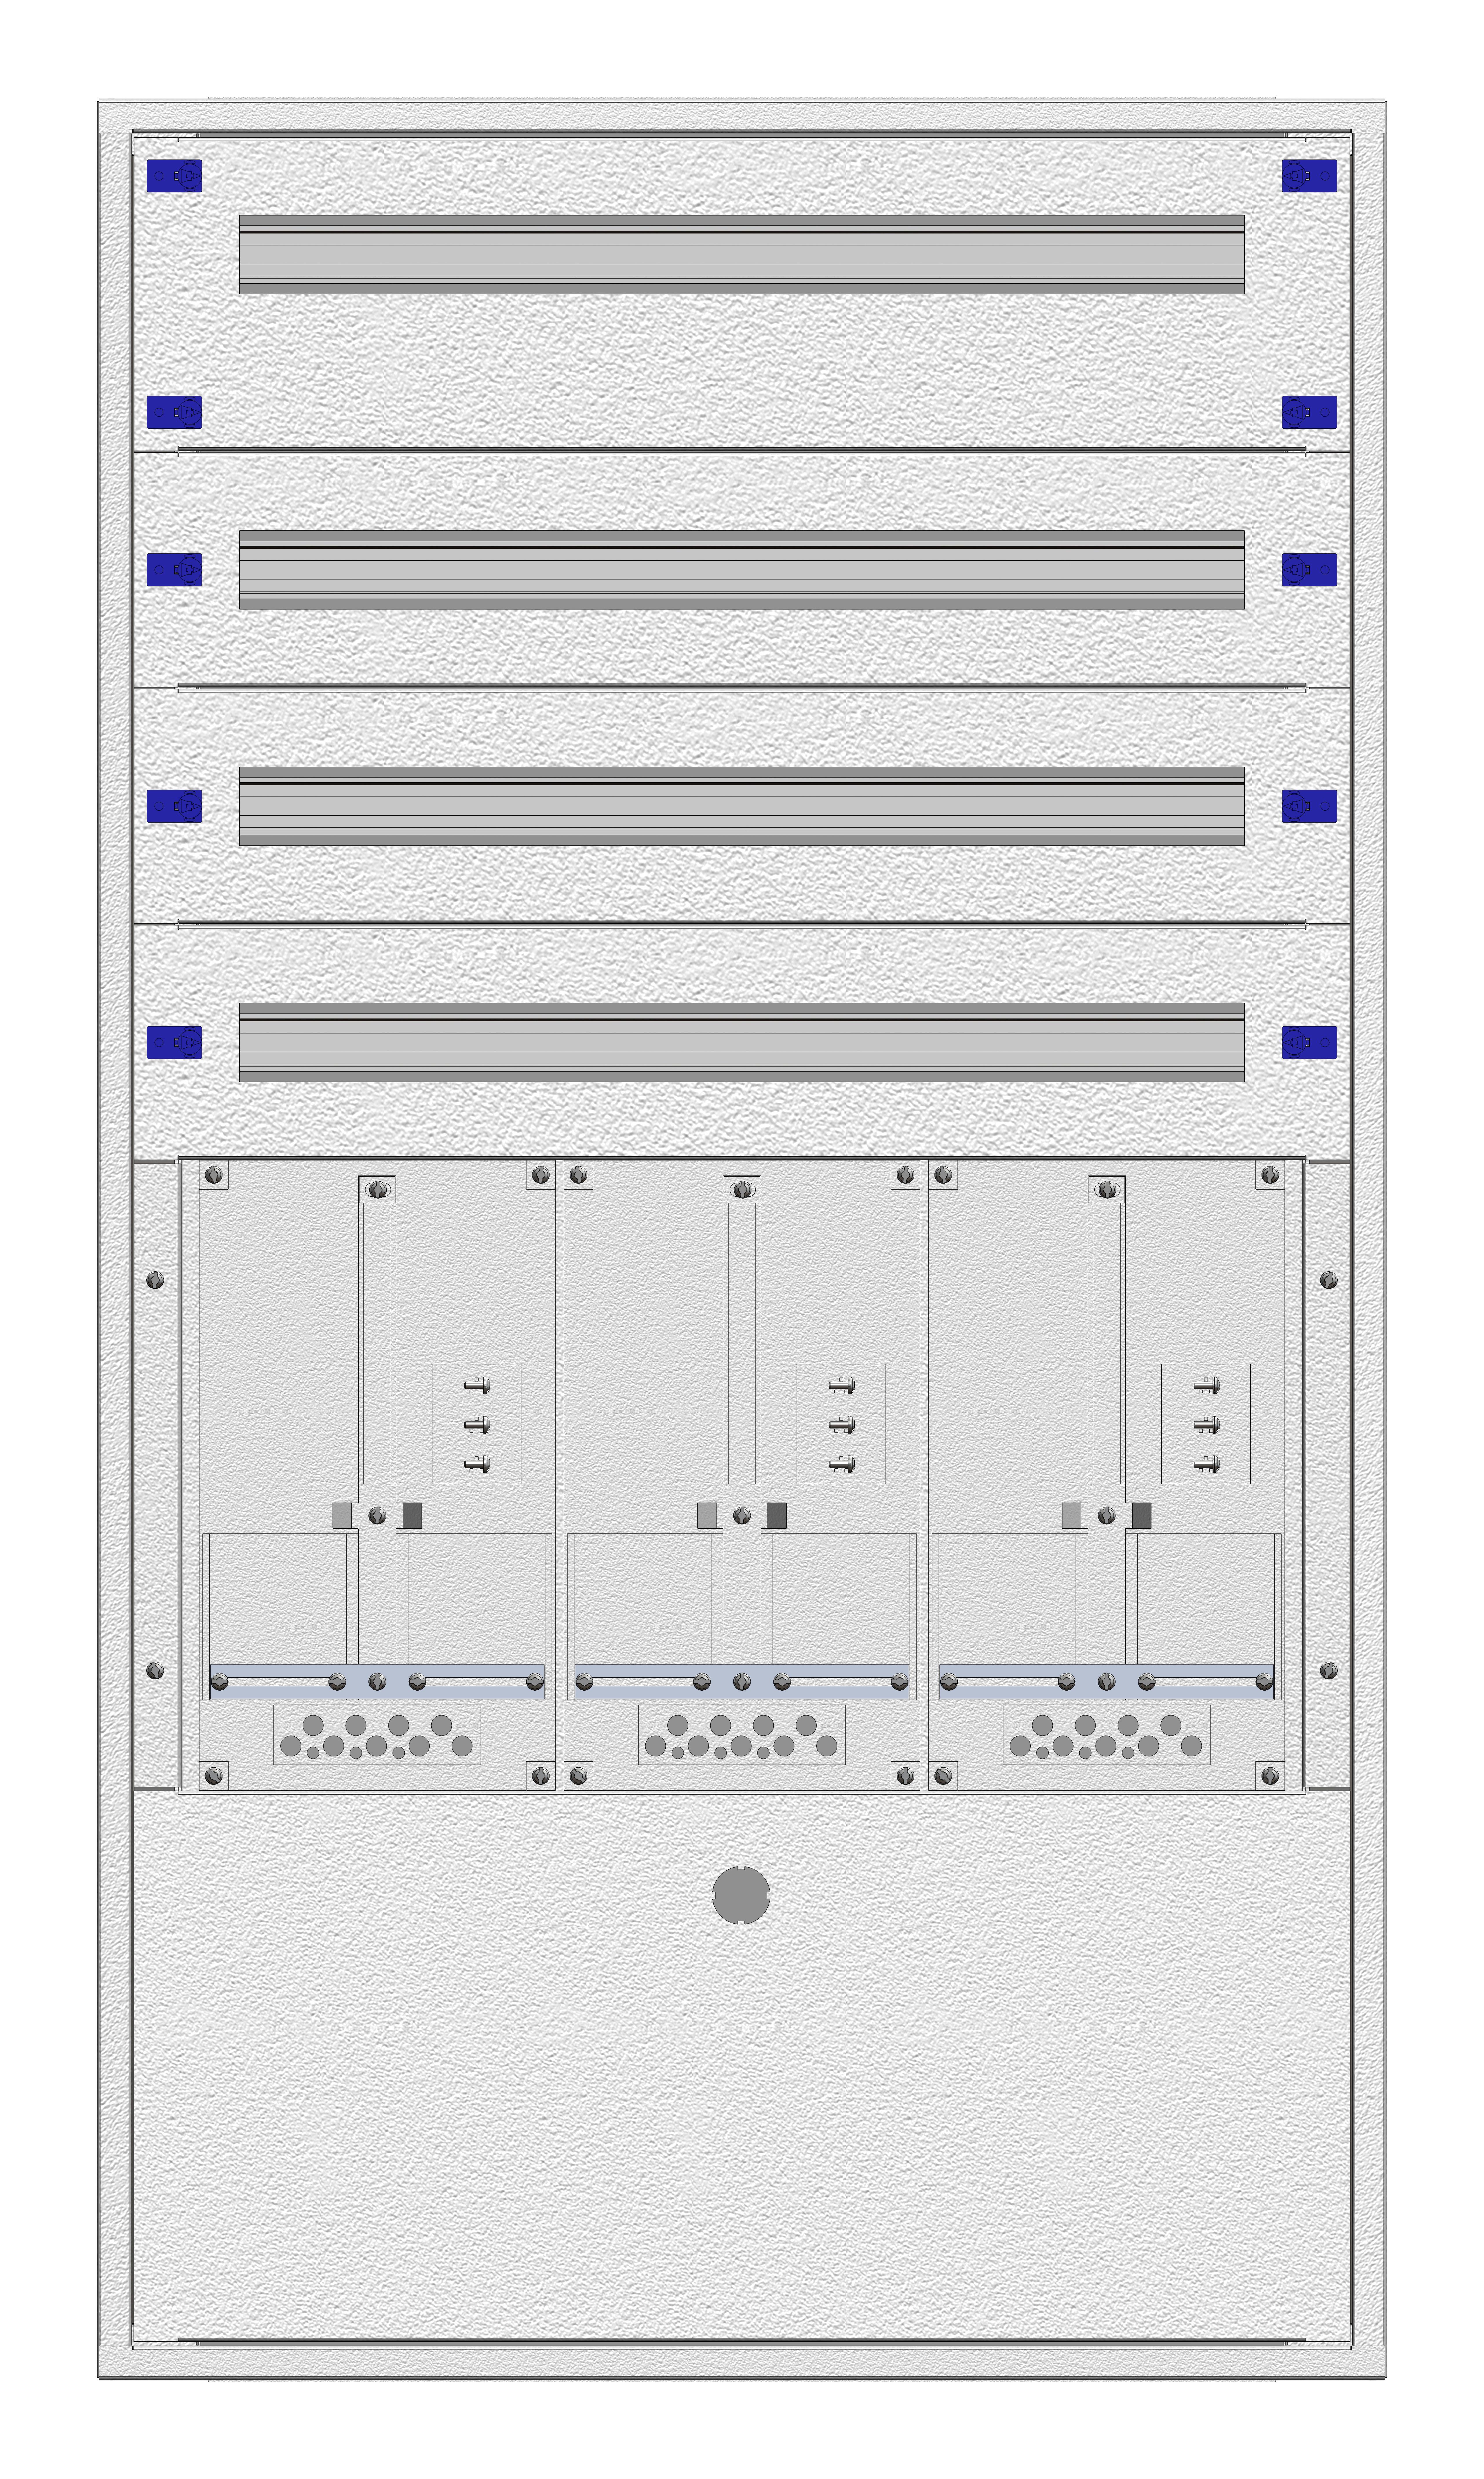 1 Stk Unterputz-Zählerverteiler 3U-28E/BGLD 3ZP, H1380B810T250mm IL164328BS